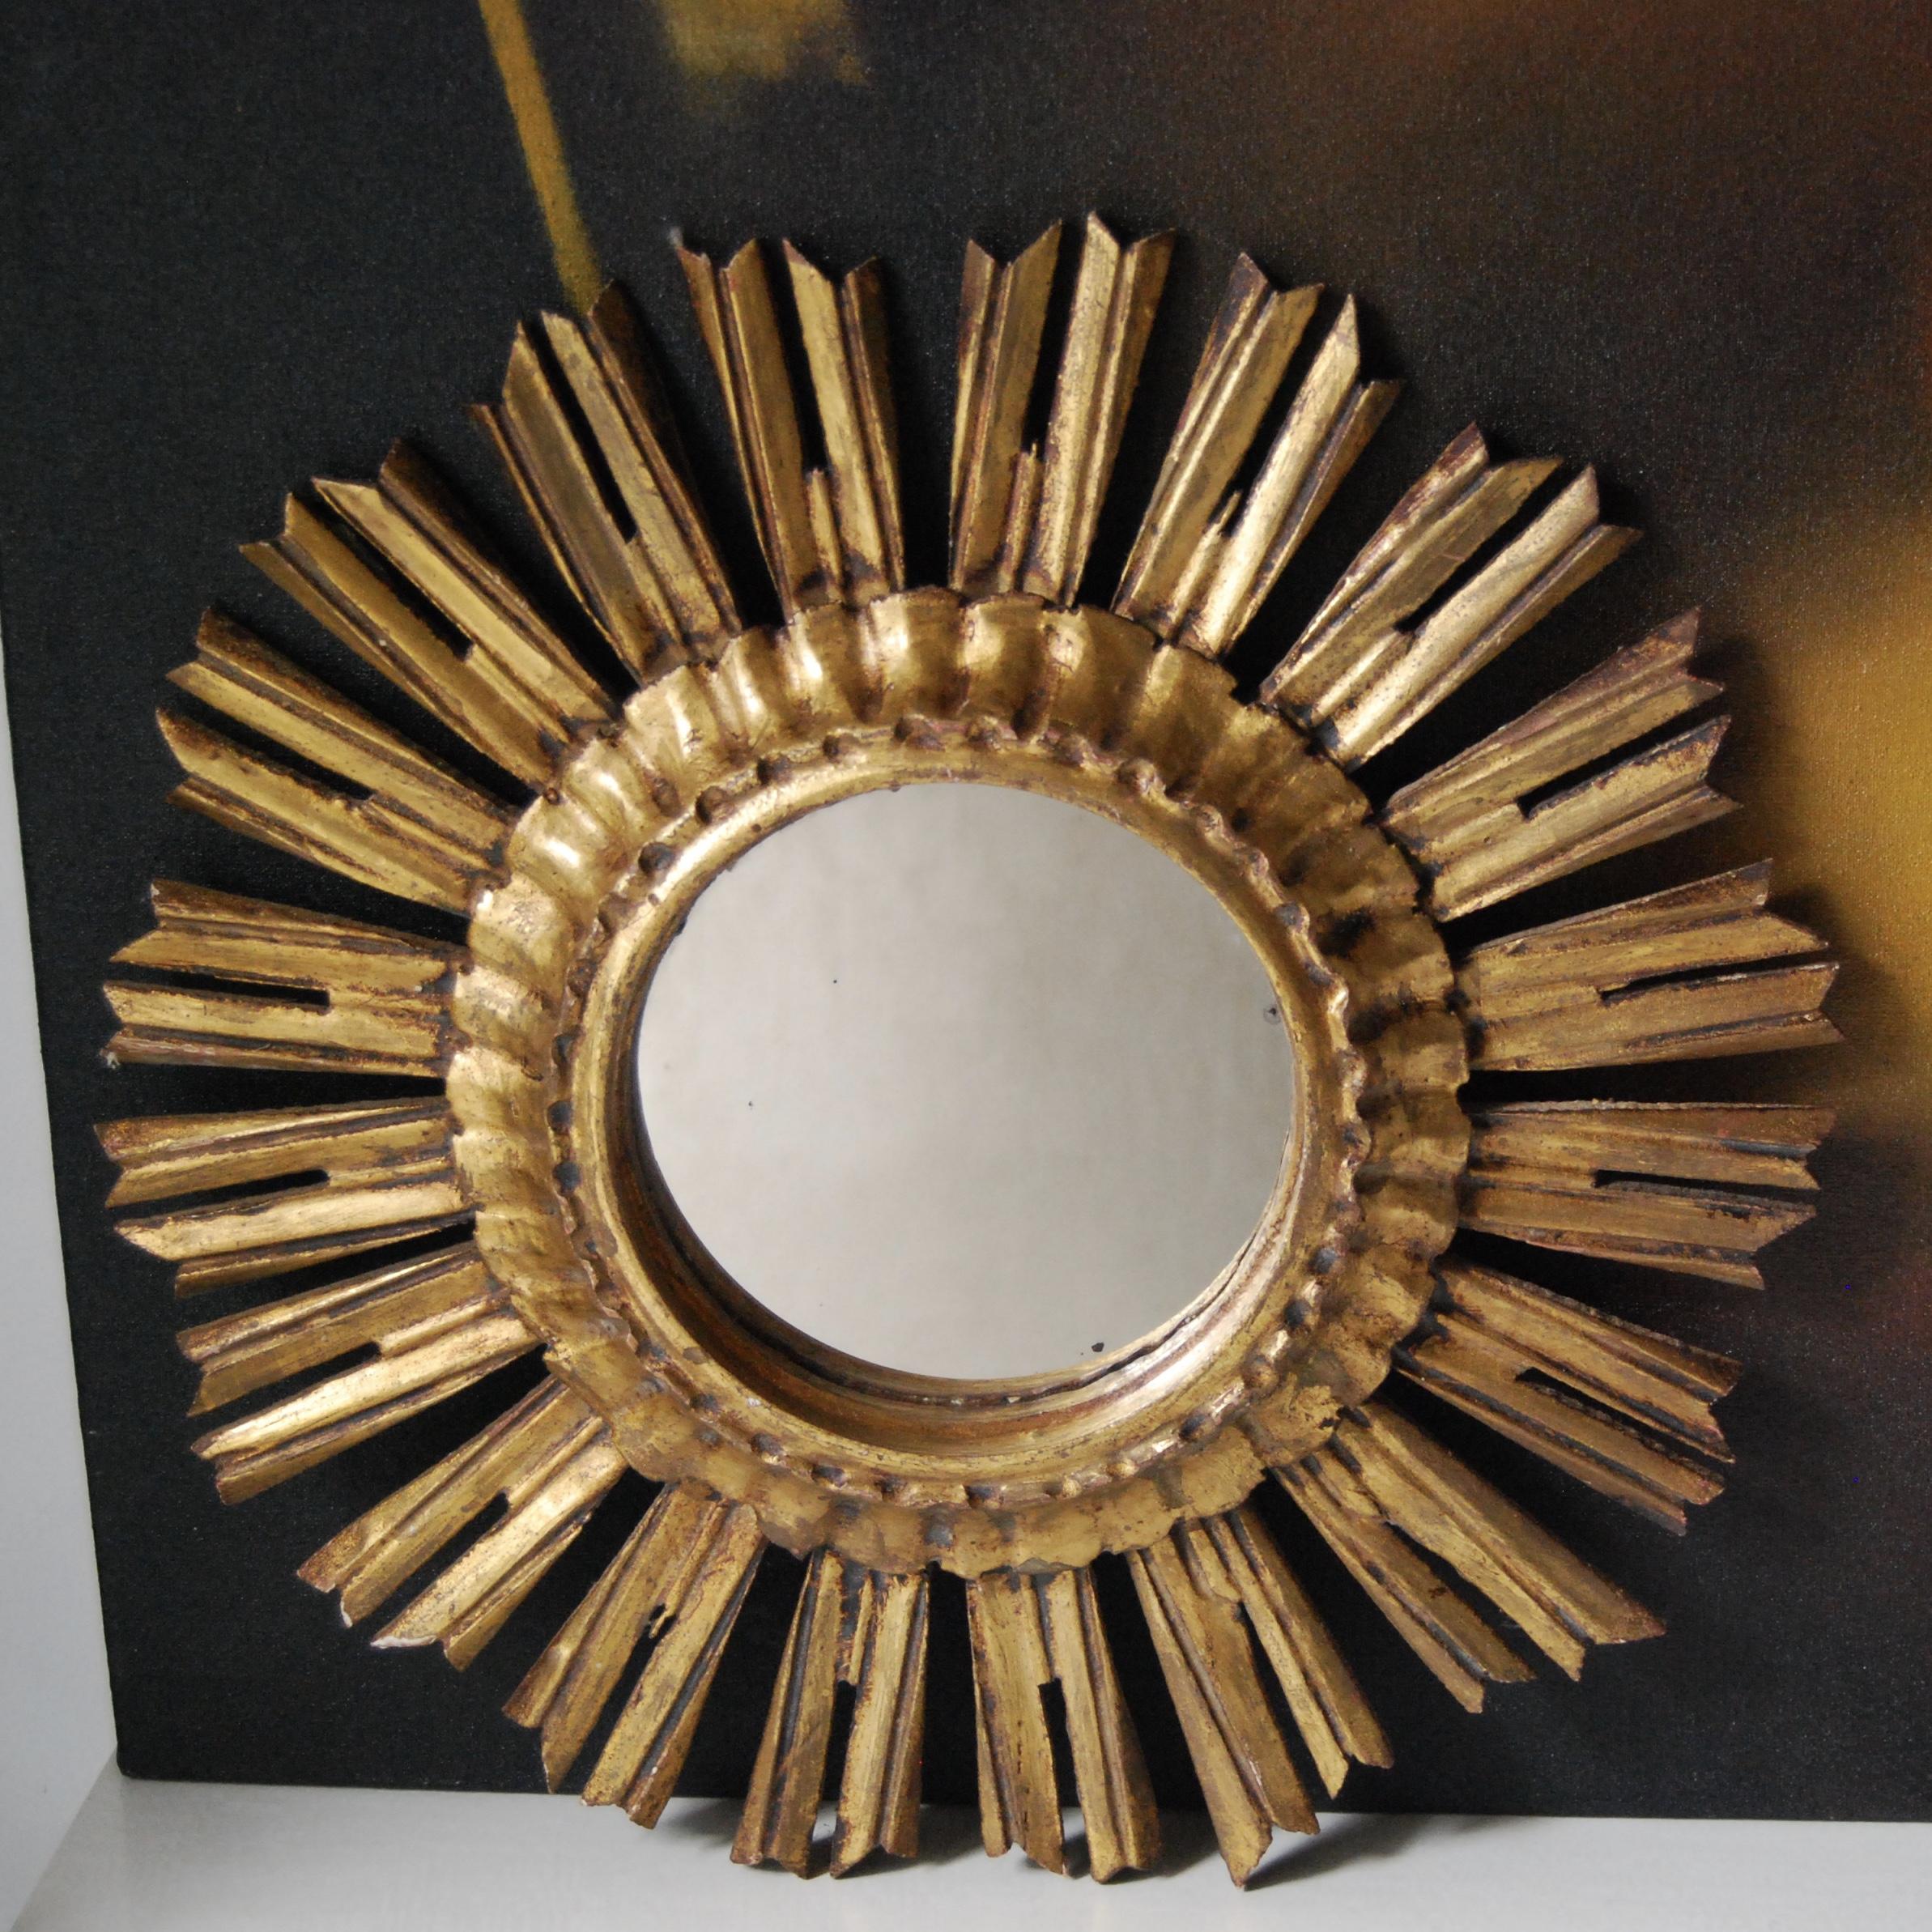 Miroir soleil en bois dor brocante avenue for Miroir soleil bois